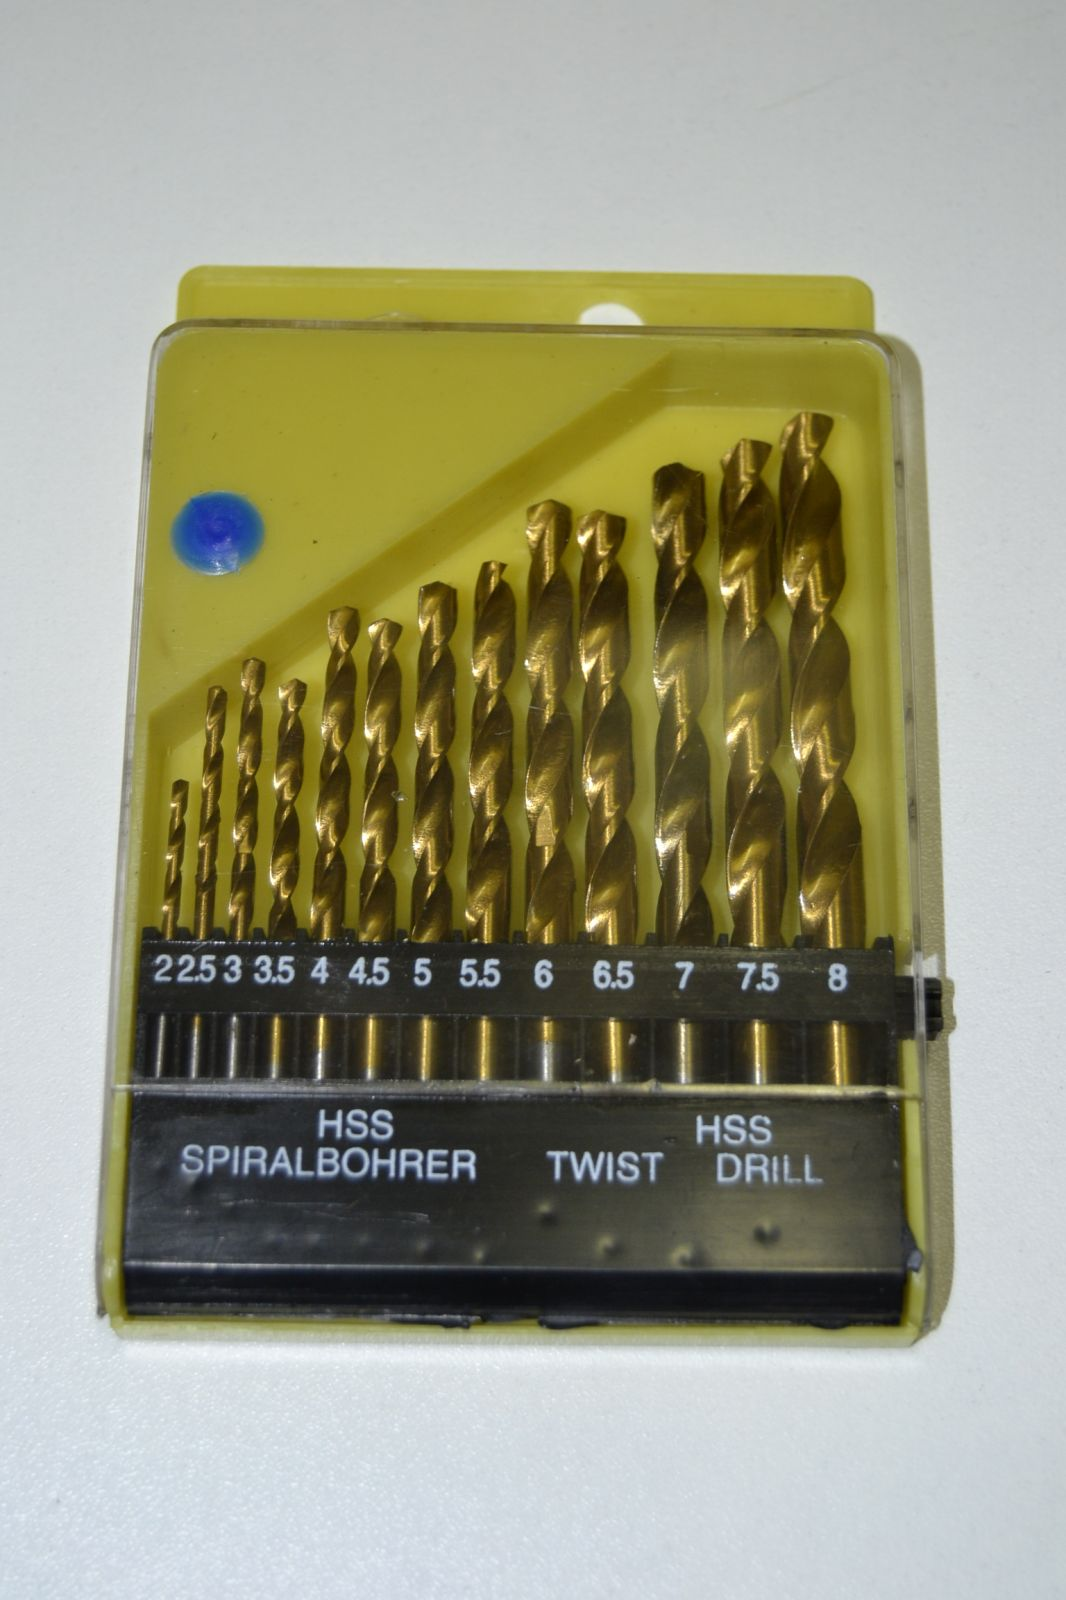 Sada vrtáků do kovu - 13ks - HSS drill - zlaté